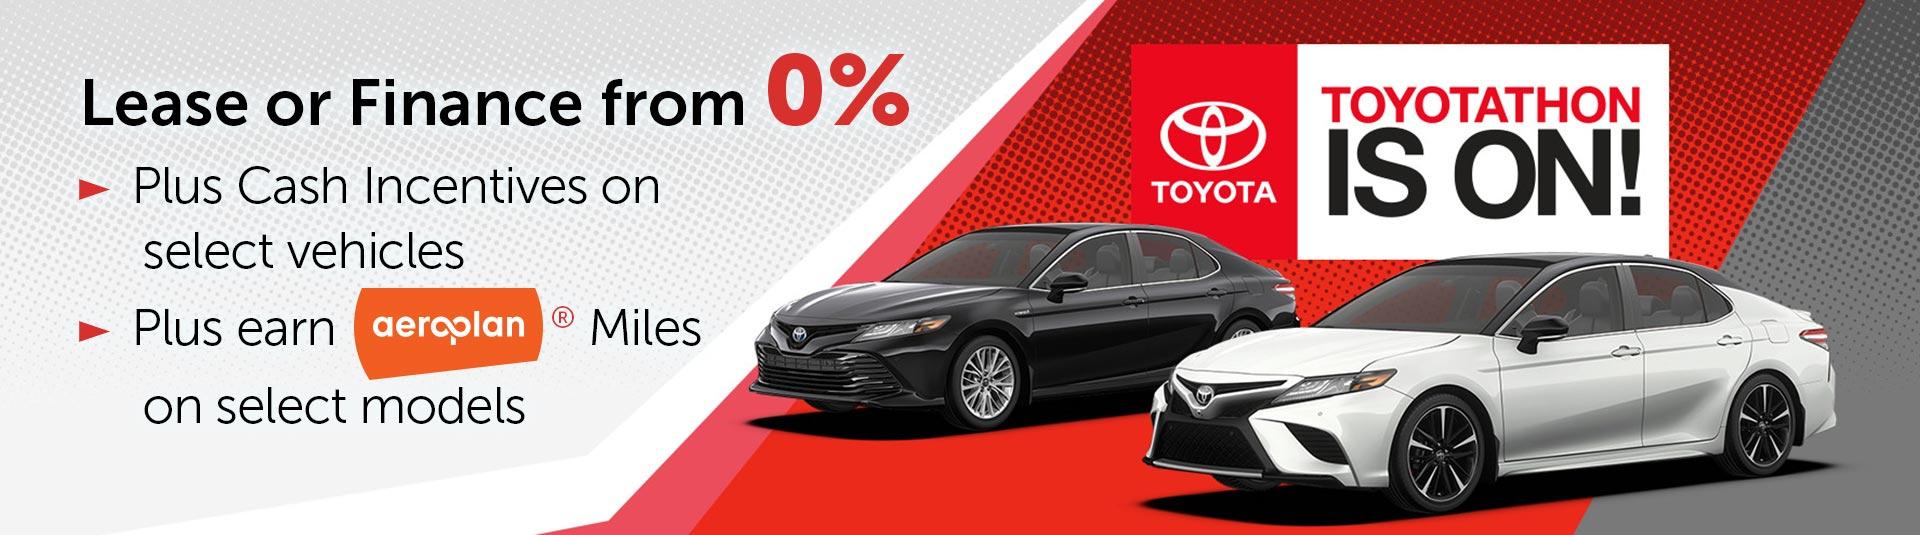 Toyotathon Sales Event in Georgetown